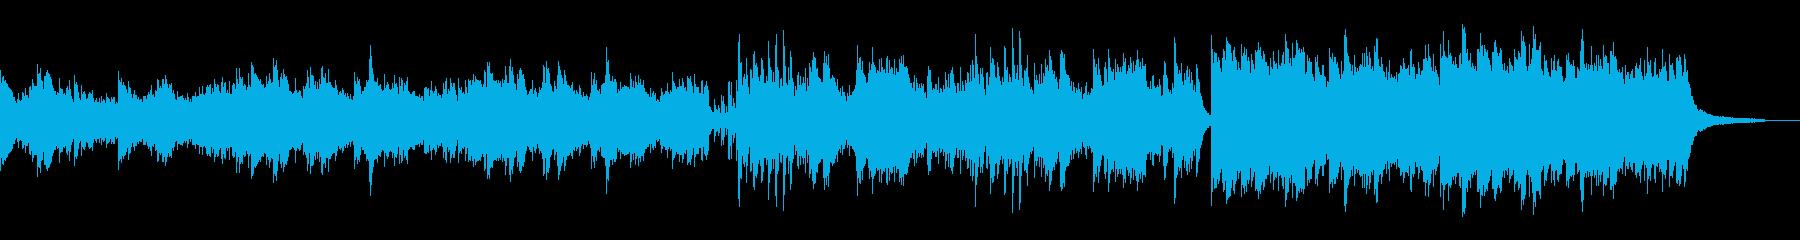 ピアノソロ 優雅 ヒーリング 水 映像の再生済みの波形